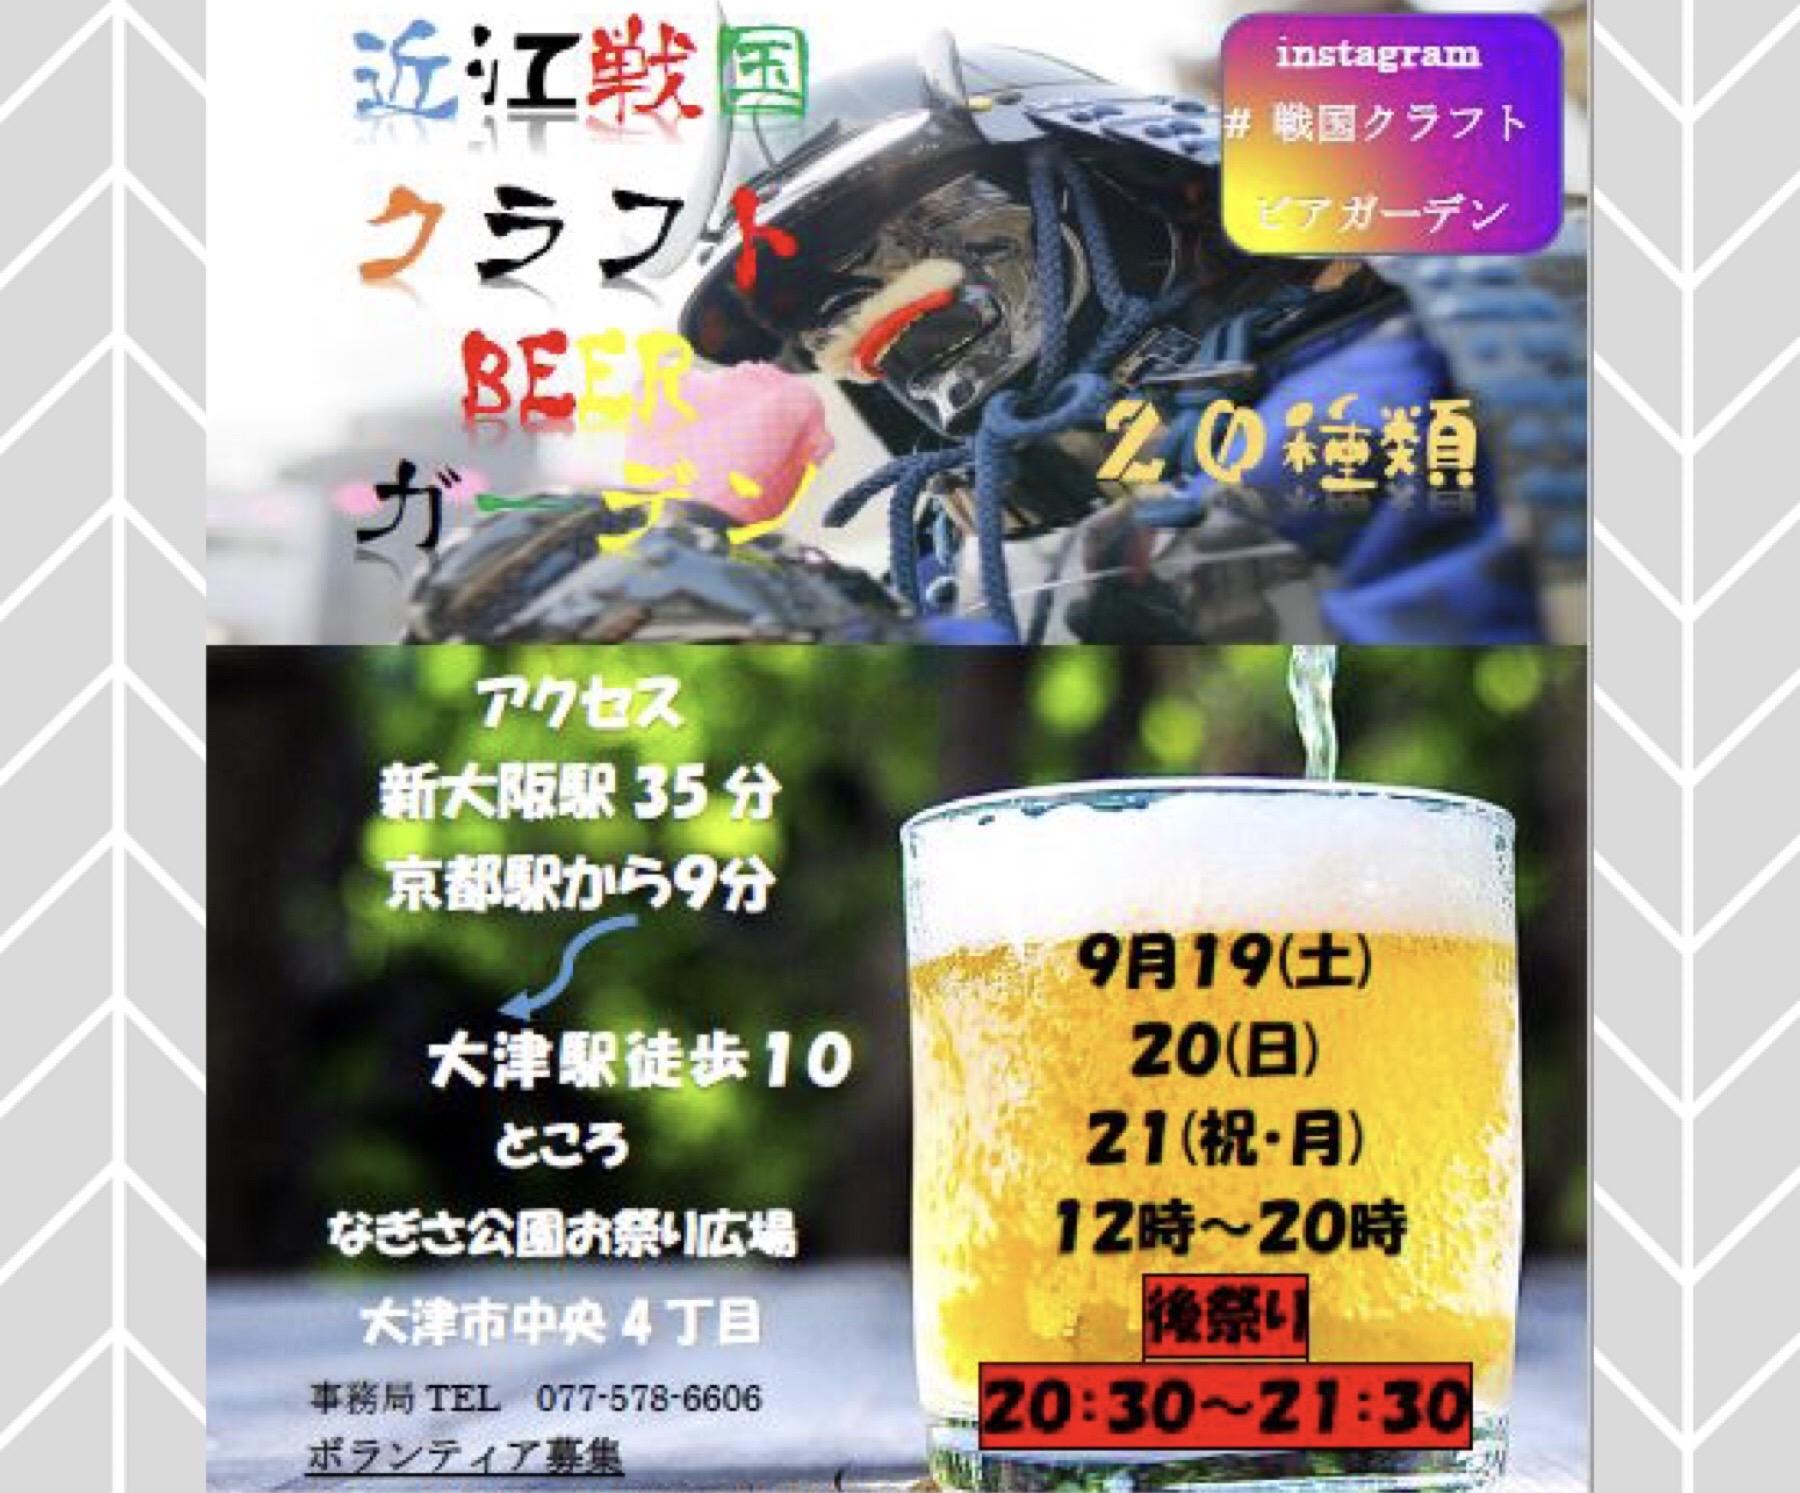 「近江戦国クラフトビアガーデン」滋賀県初!クラフトビールとグルメを味わう戦国テーマのビアガーデン【9/19土~21月祝】